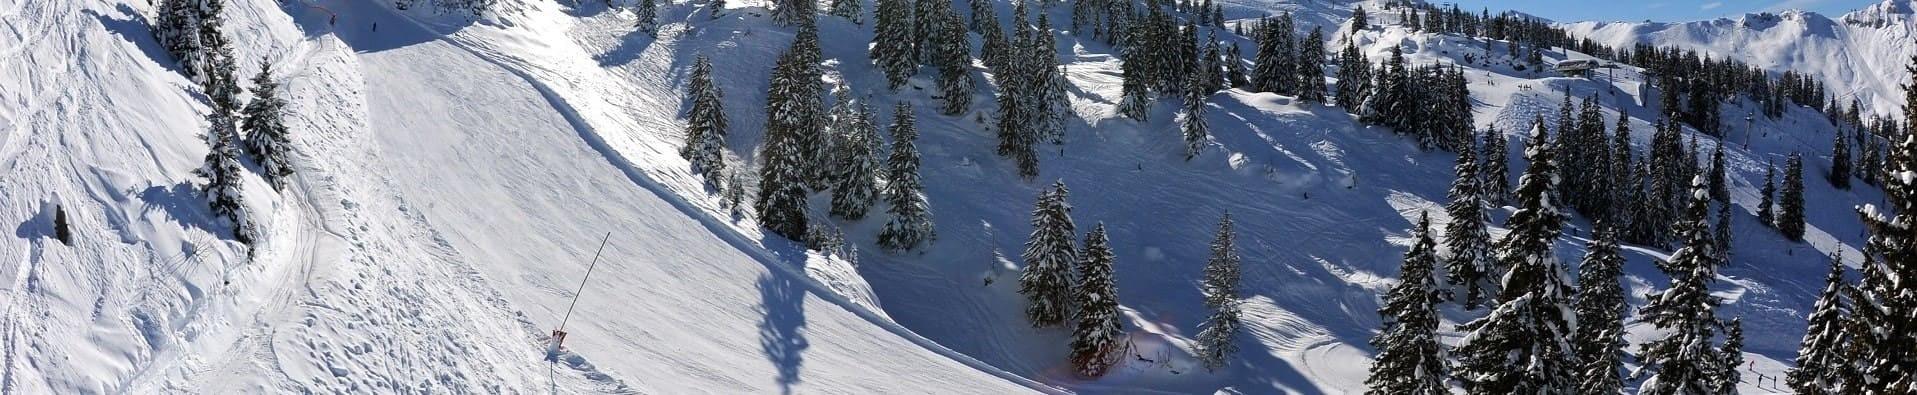 Ski area Châtel Espace Liberté